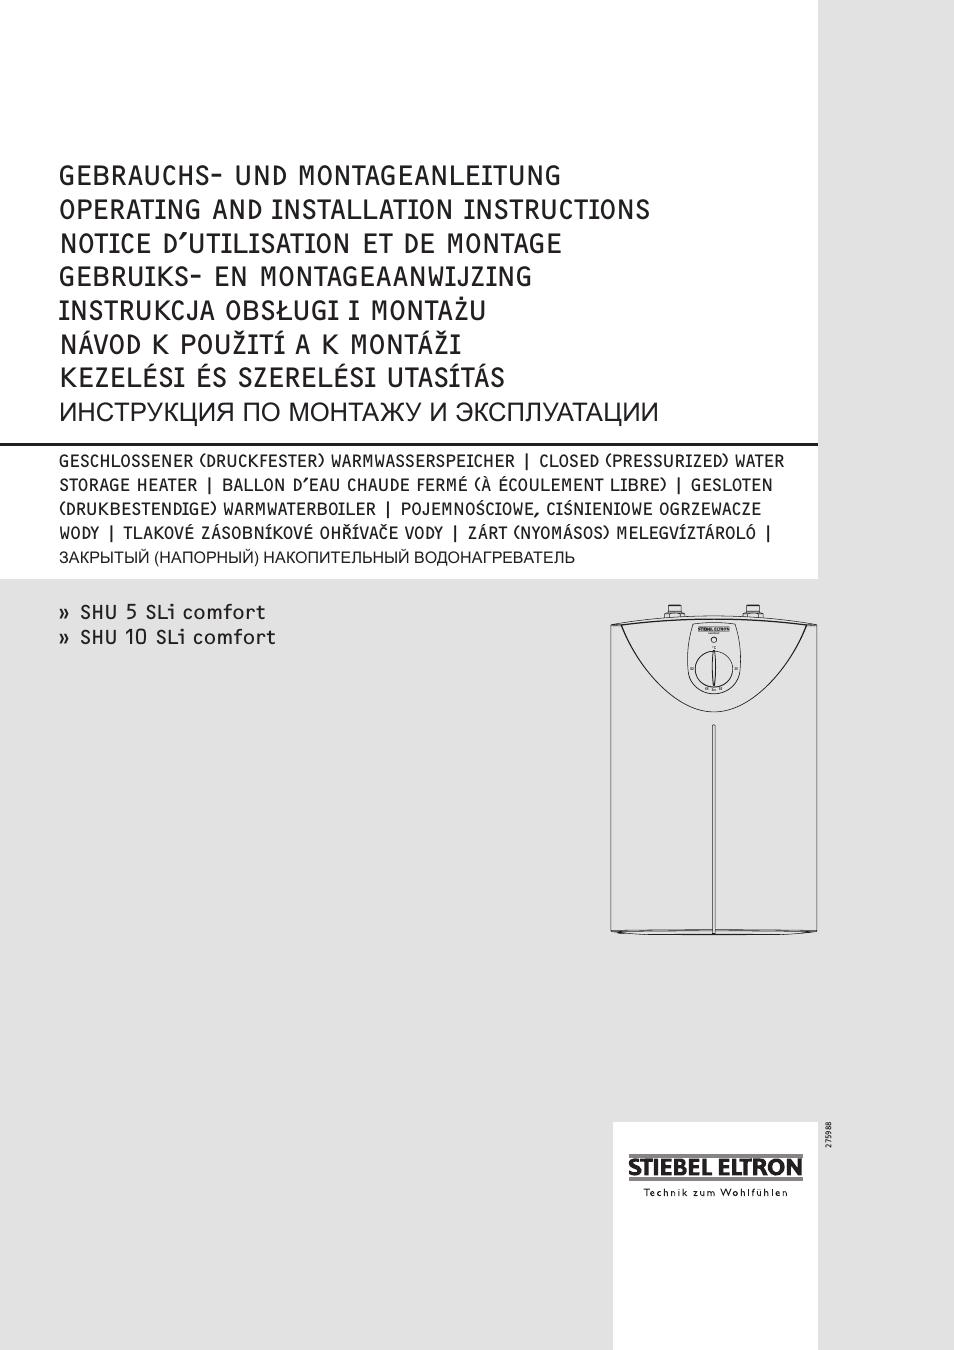 stiebel eltron snu 5 sli user manual 34 pages. Black Bedroom Furniture Sets. Home Design Ideas